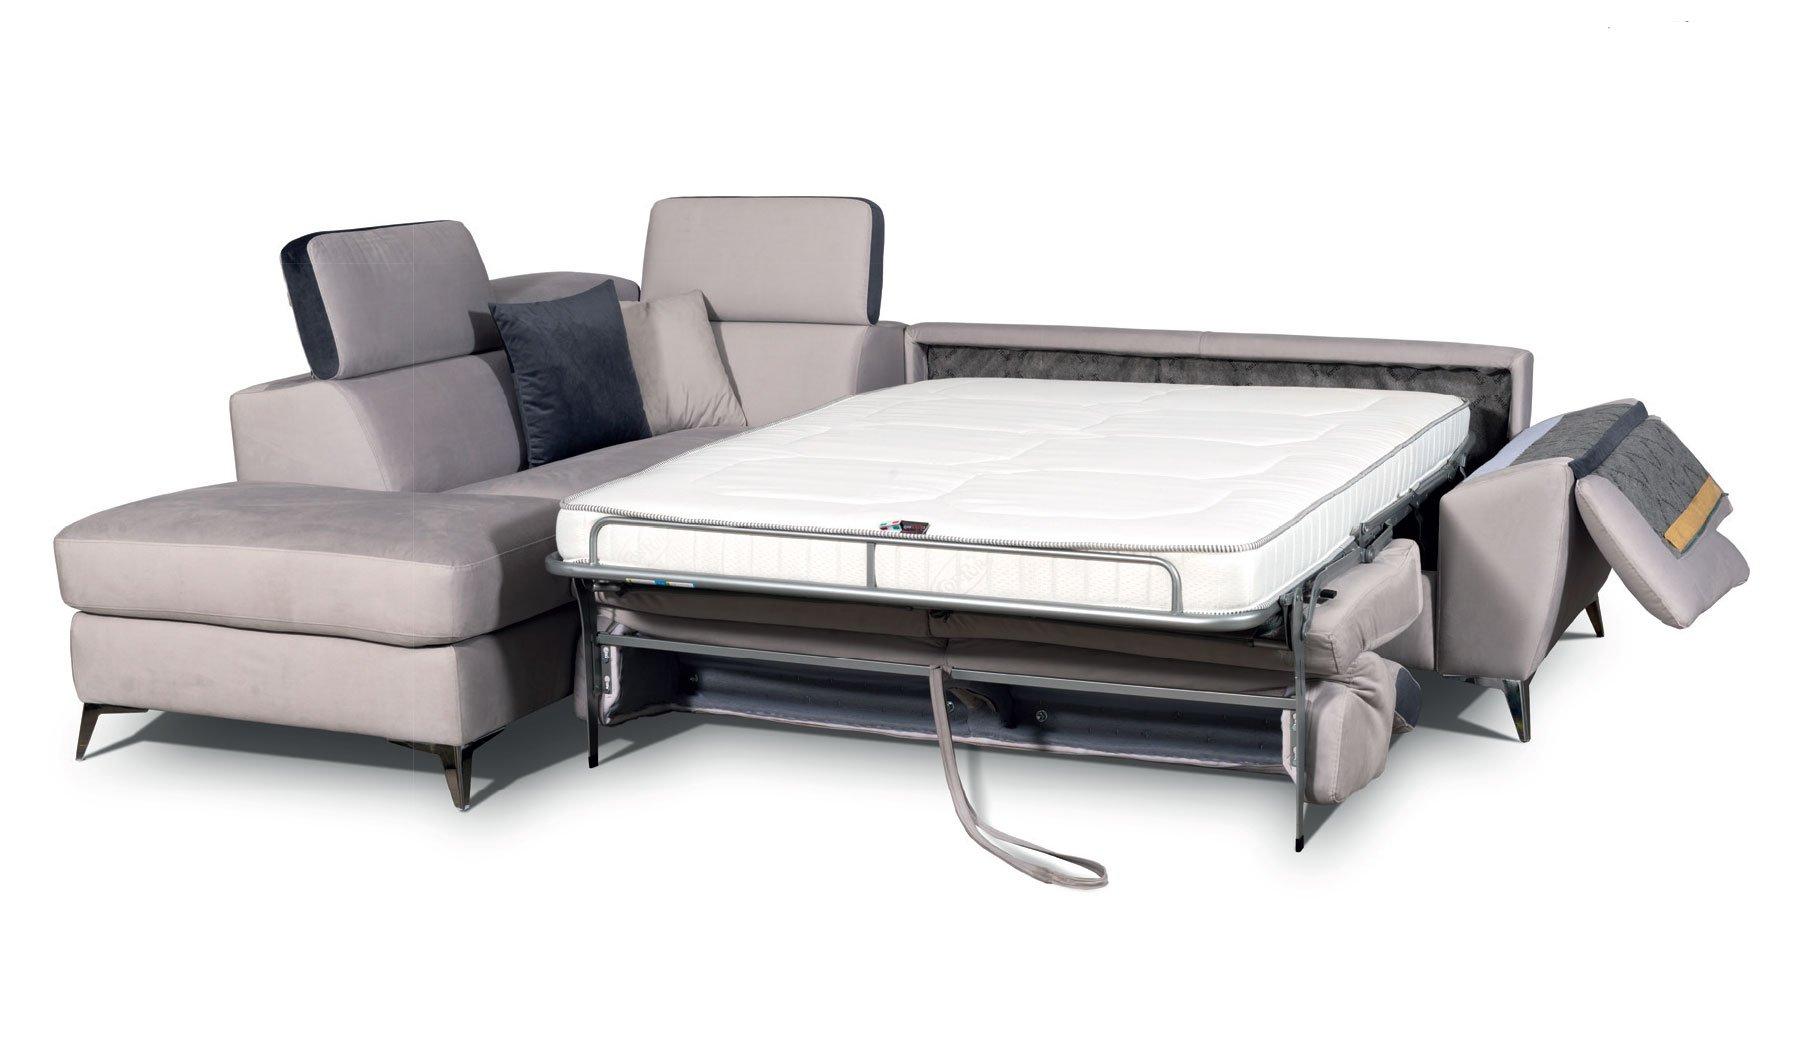 Divano Letto Mod.Thaity Divano letto trasformabile con rete elettrosaldata e materasso